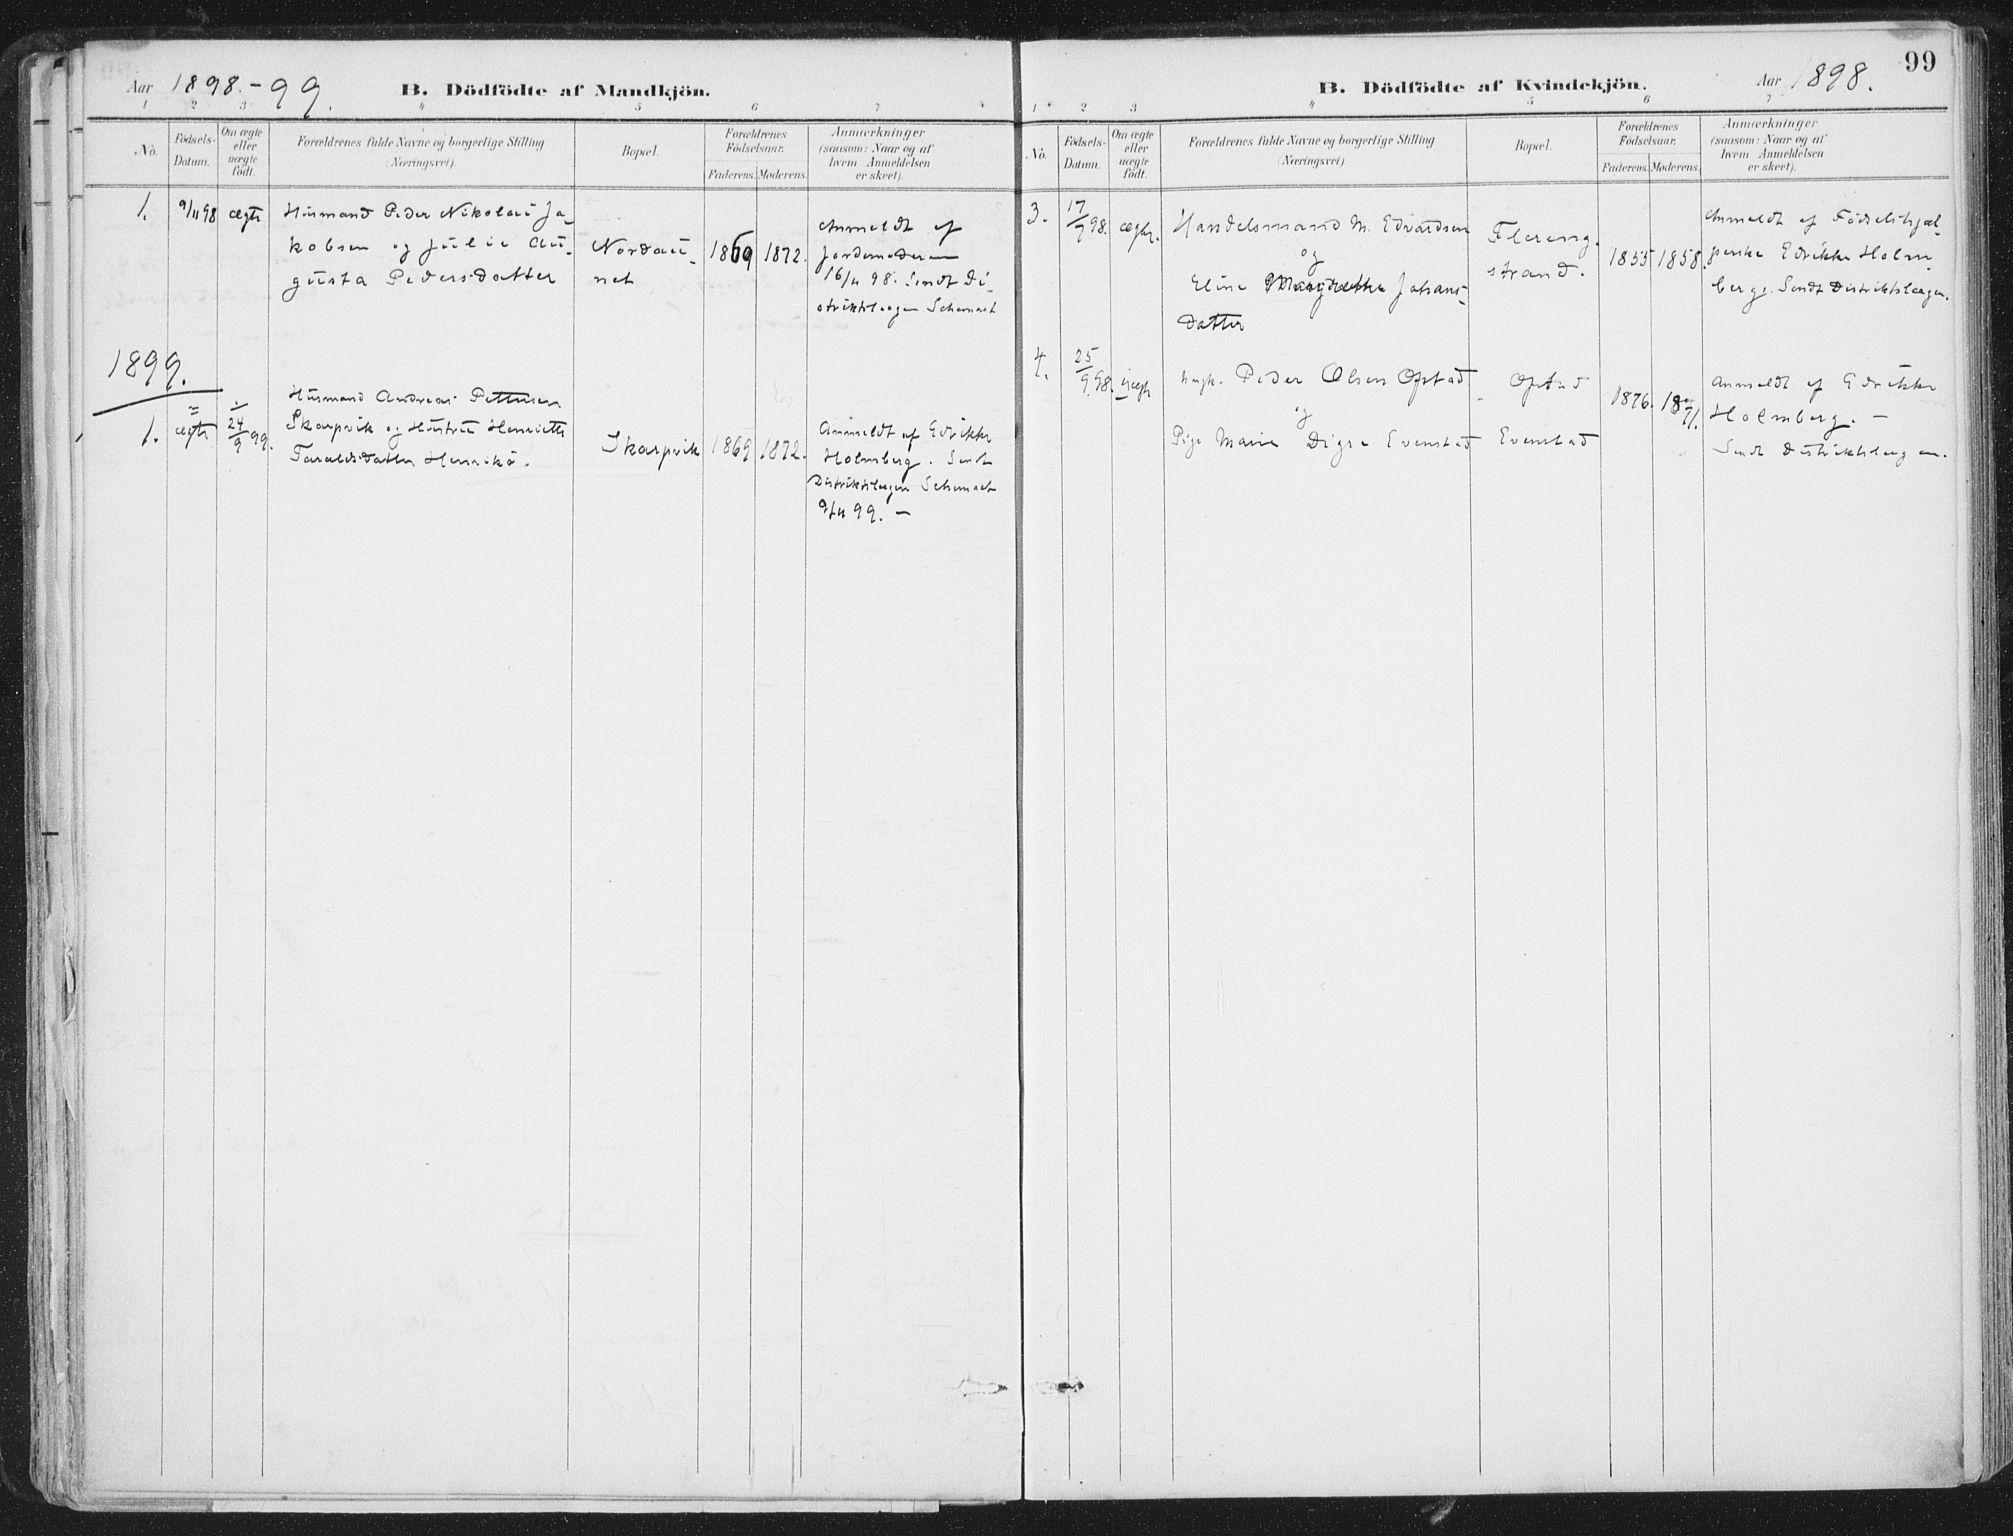 SAT, Ministerialprotokoller, klokkerbøker og fødselsregistre - Nord-Trøndelag, 786/L0687: Ministerialbok nr. 786A03, 1888-1898, s. 99